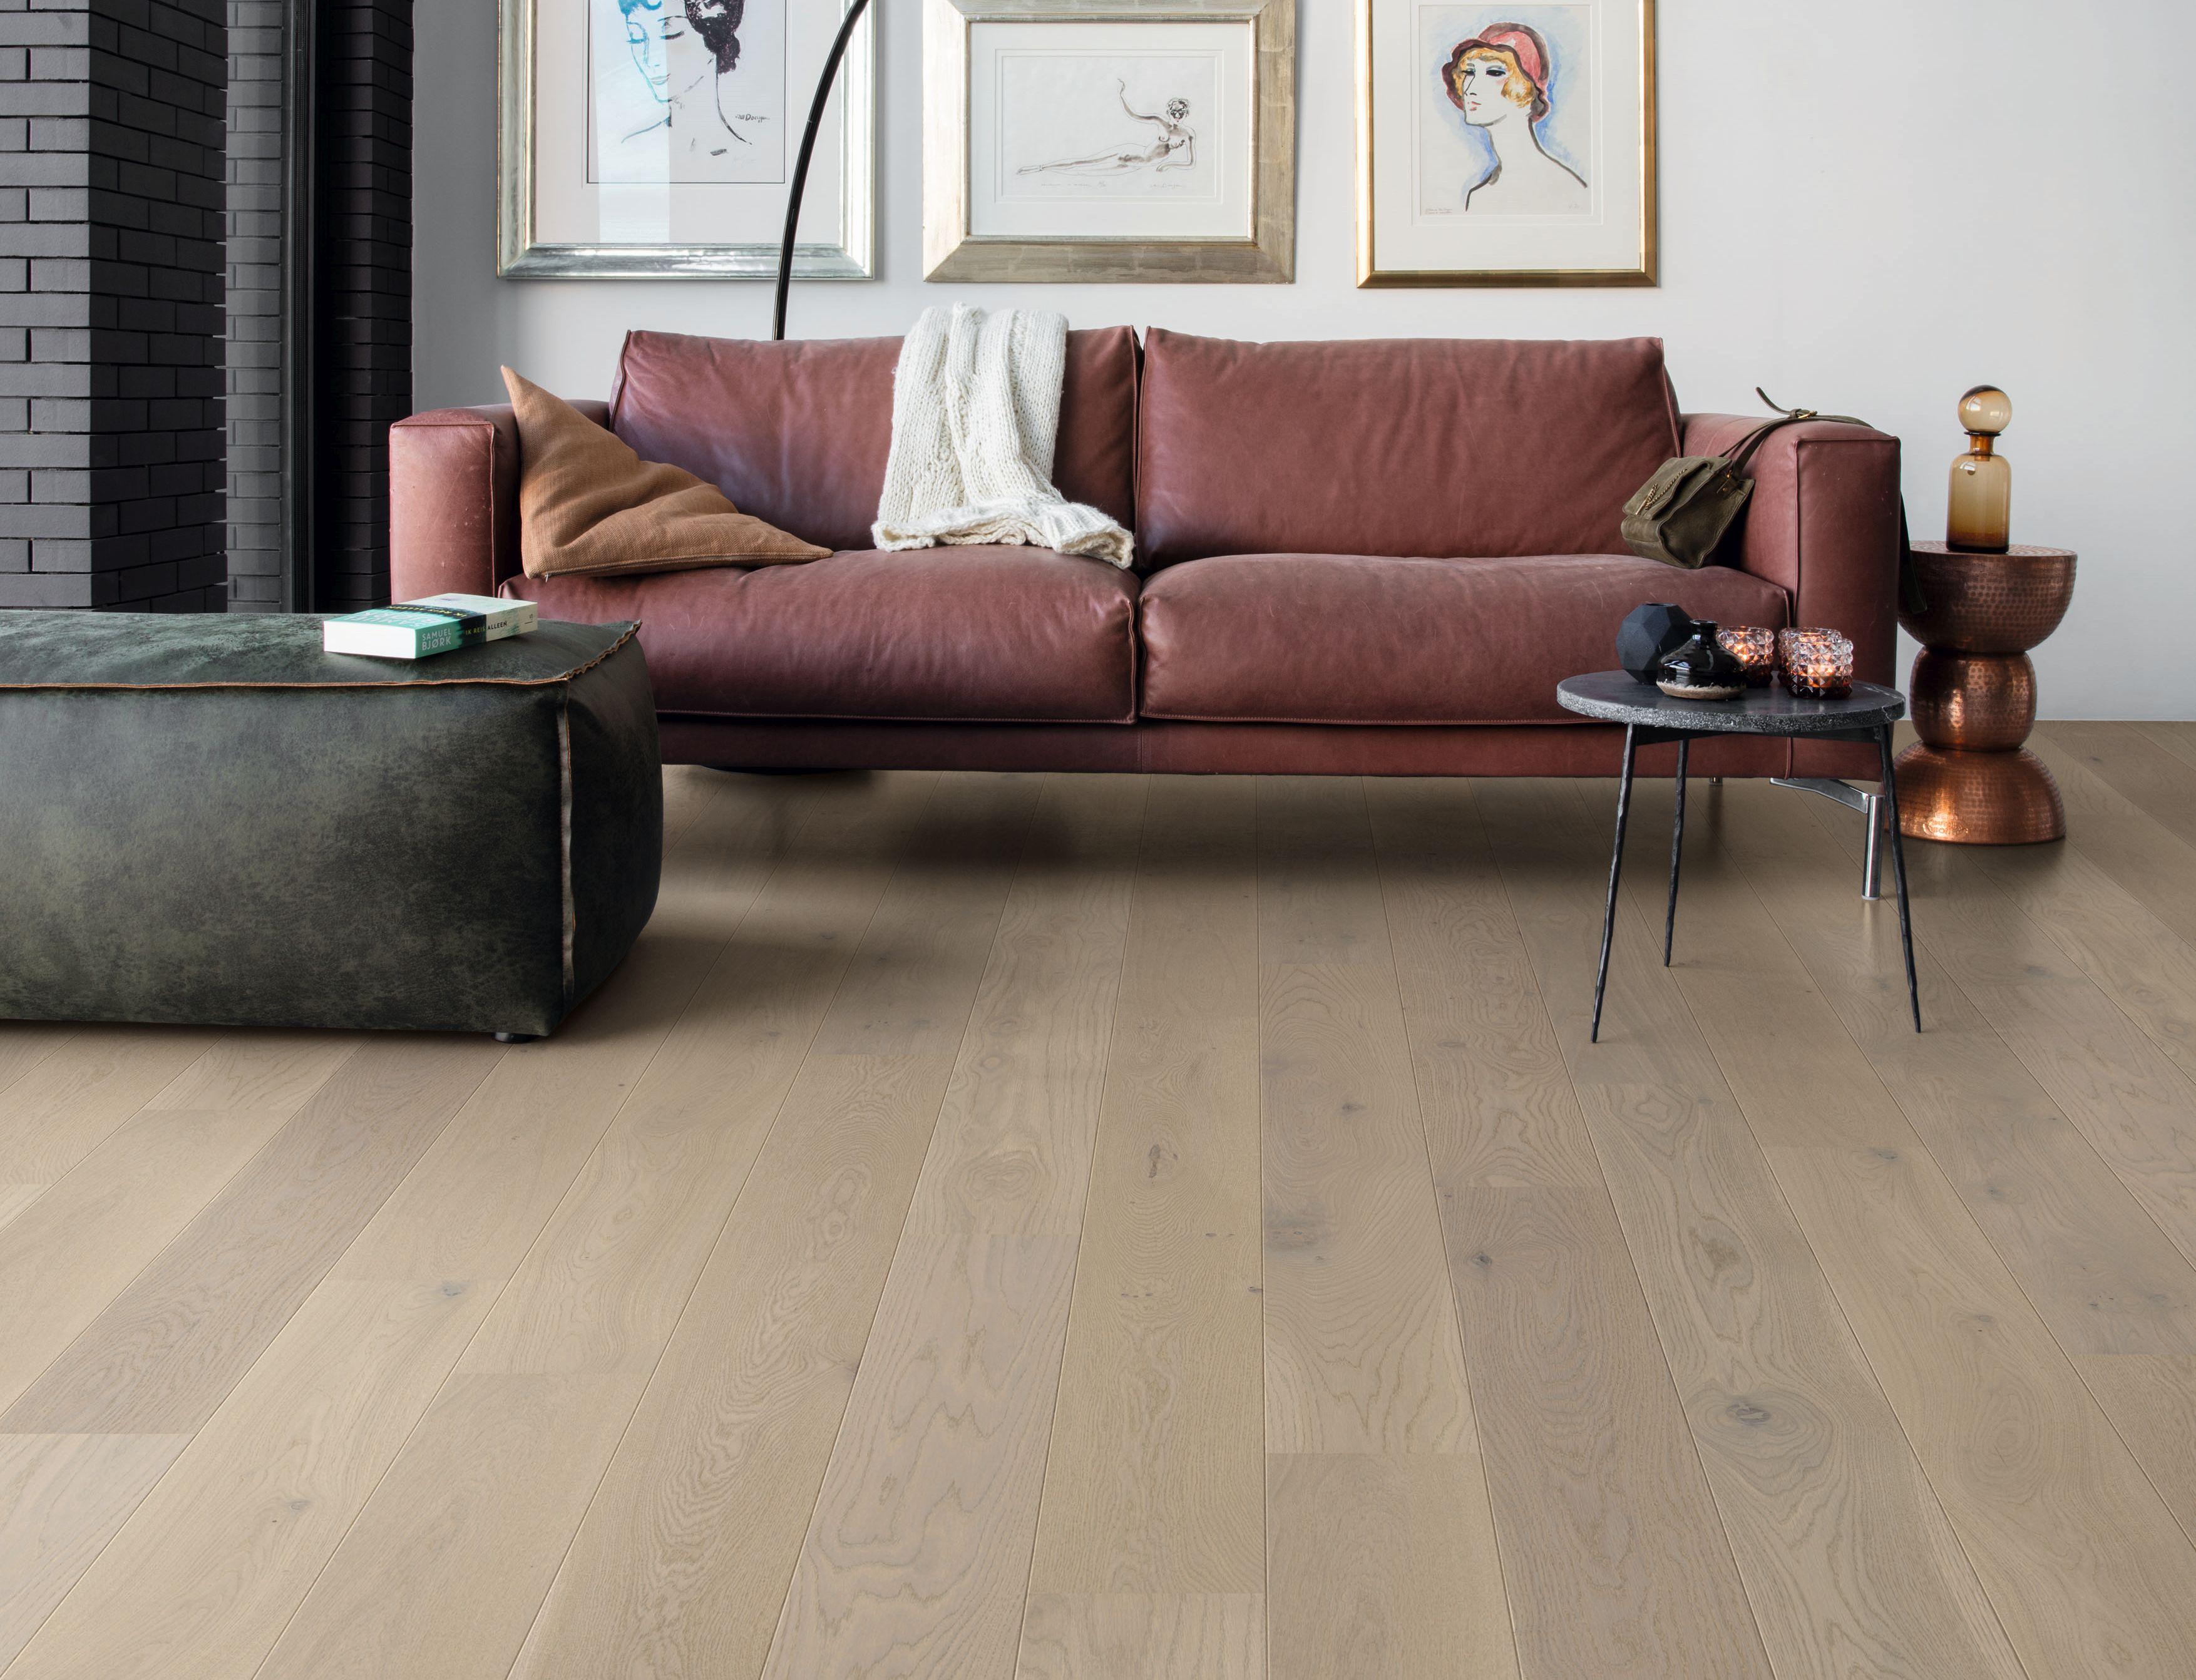 actu immo parquets et sols stratifi s voici les derni res tendances 26 02 2018. Black Bedroom Furniture Sets. Home Design Ideas